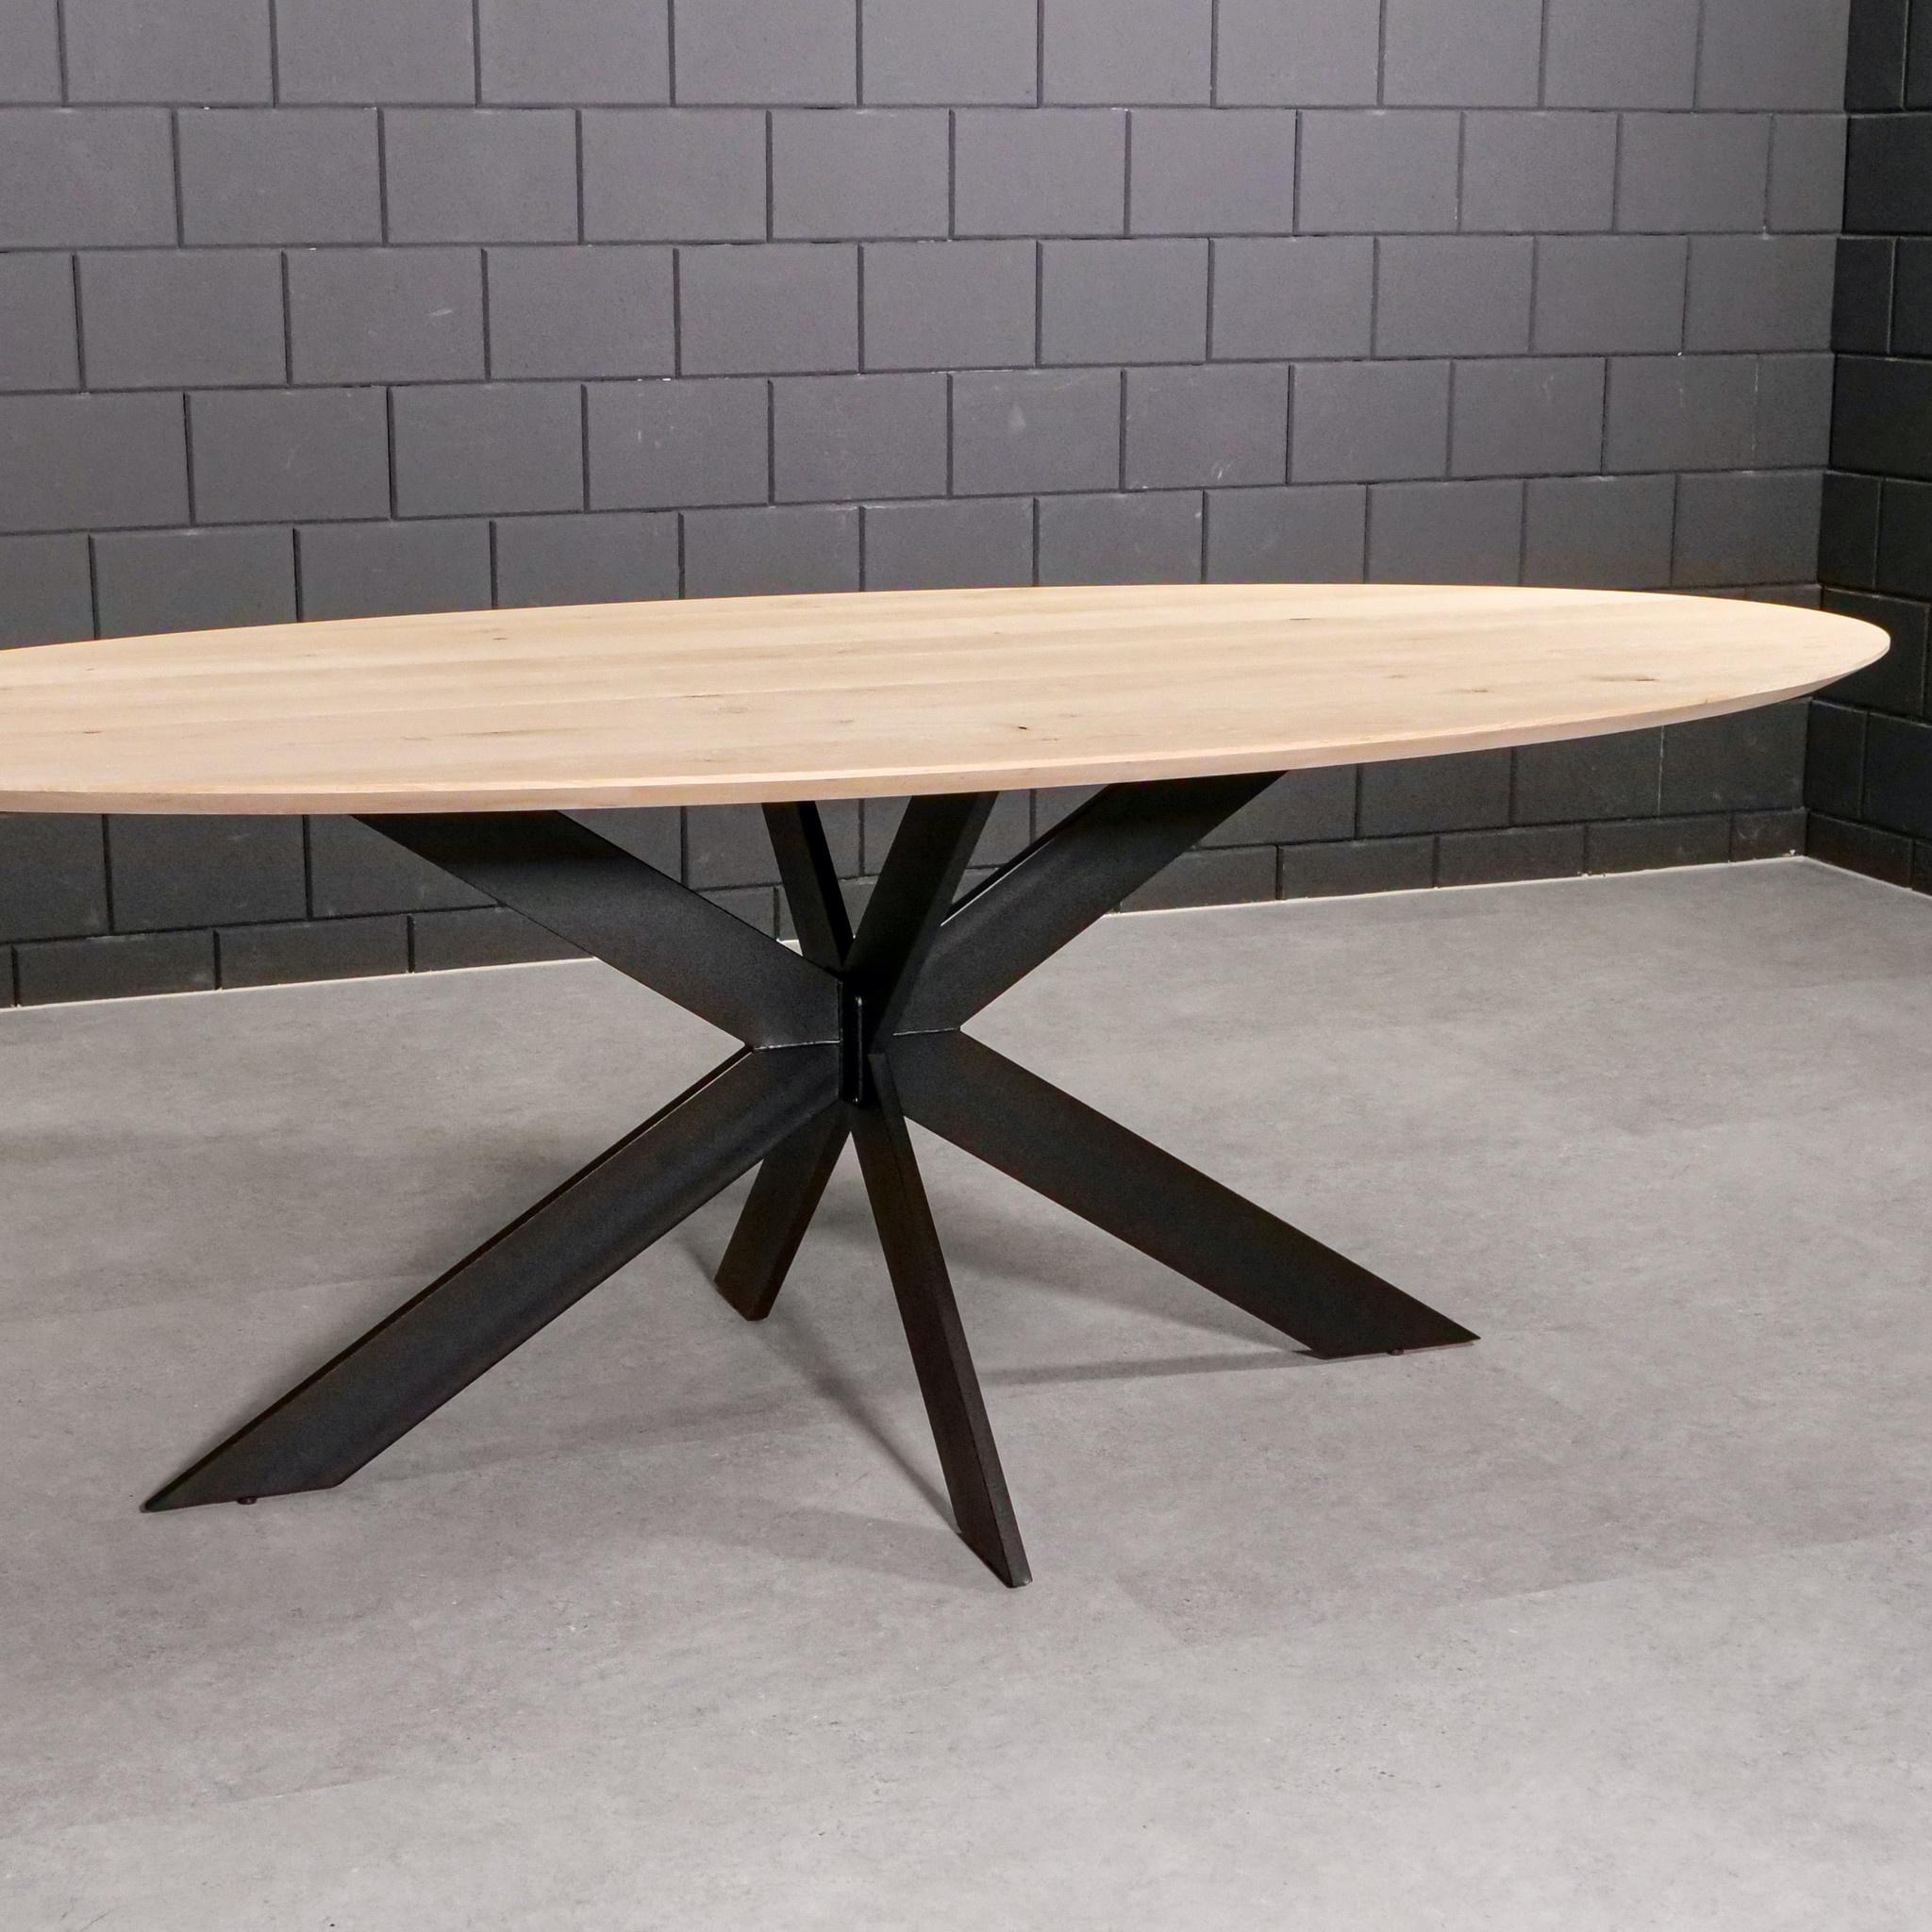 Tischgestell Metall Spider schlank- 3-Teilig - 2x10 cm - 90x140 cm - 72cm hoch - Stahl Tischuntergestell / Mittelfuß Rechteck & oval - Beschichtet - Schwarz & Weiß